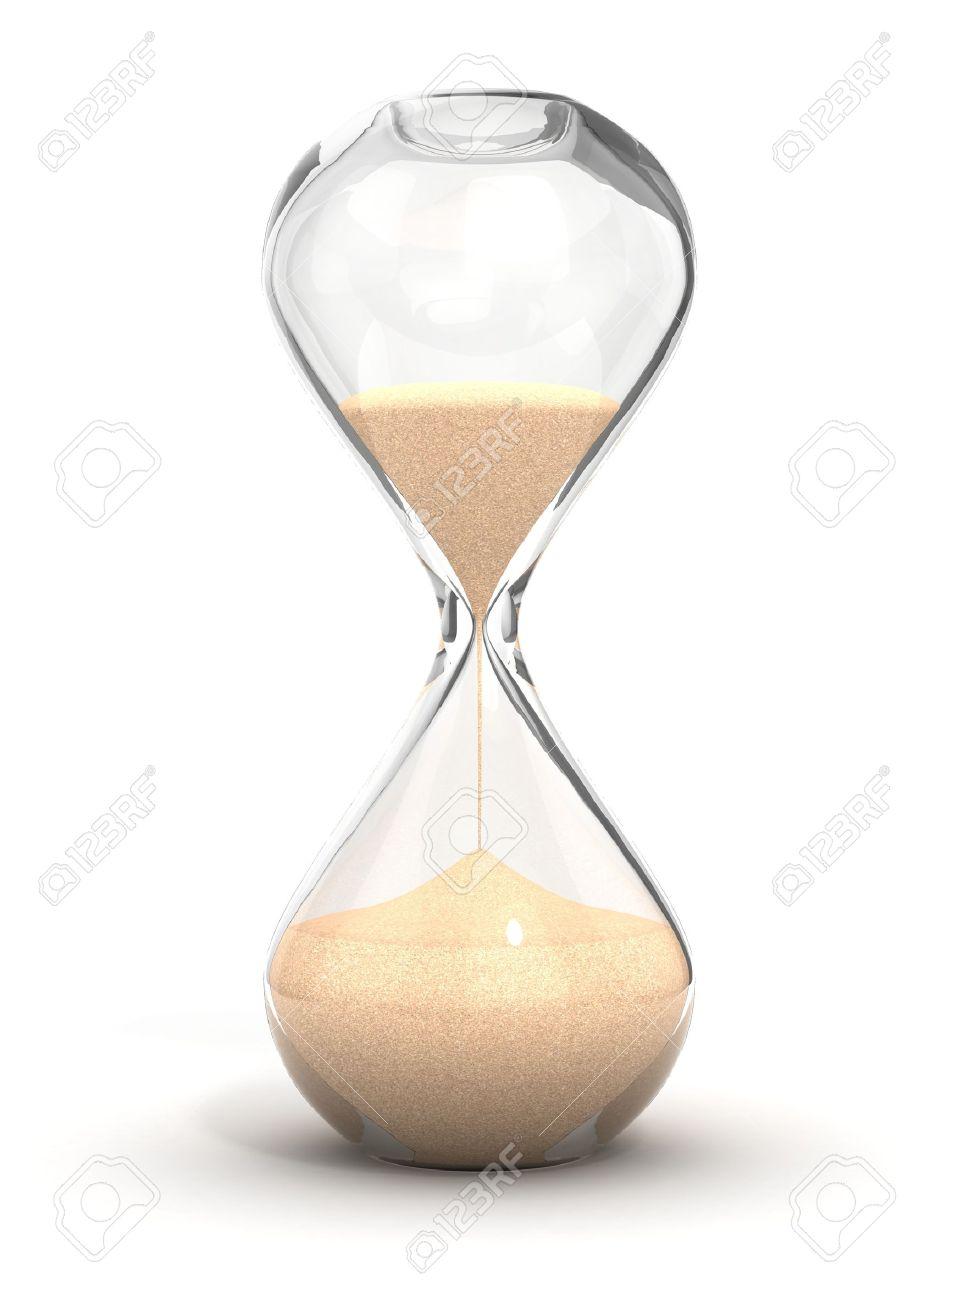 Reloj La Aislado Fondo Blanco 3d De ArenaArena En Ilustración l3uK1JTFc